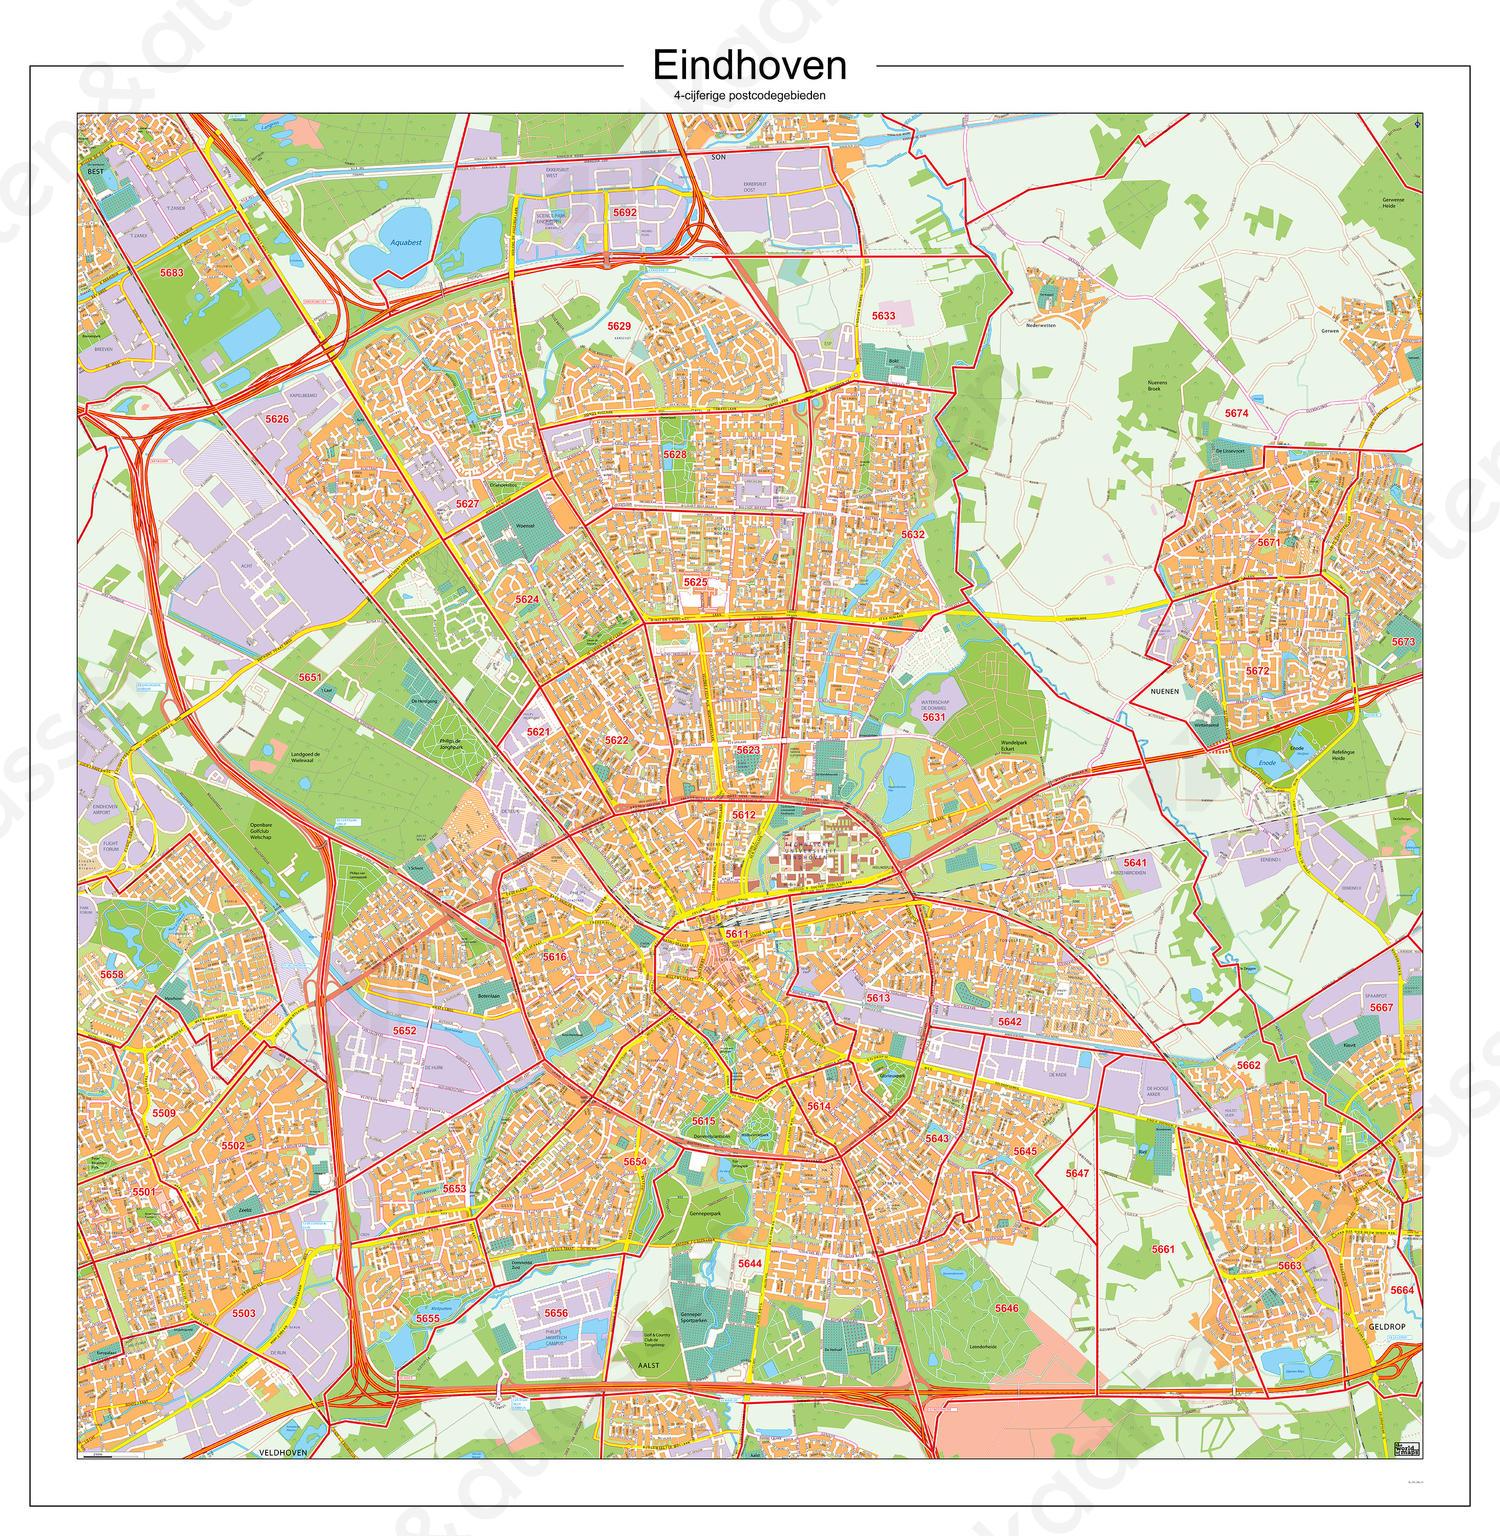 Postcodekaart Eindhoven 102   Kaarten en Atlassen nl